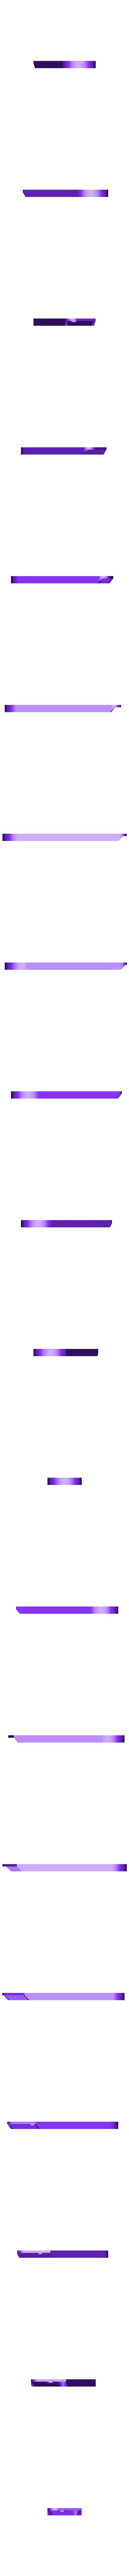 BladeBodyNoHoles.stl Télécharger fichier STL gratuit Mini lame de coupe. • Objet à imprimer en 3D, lmhadzich